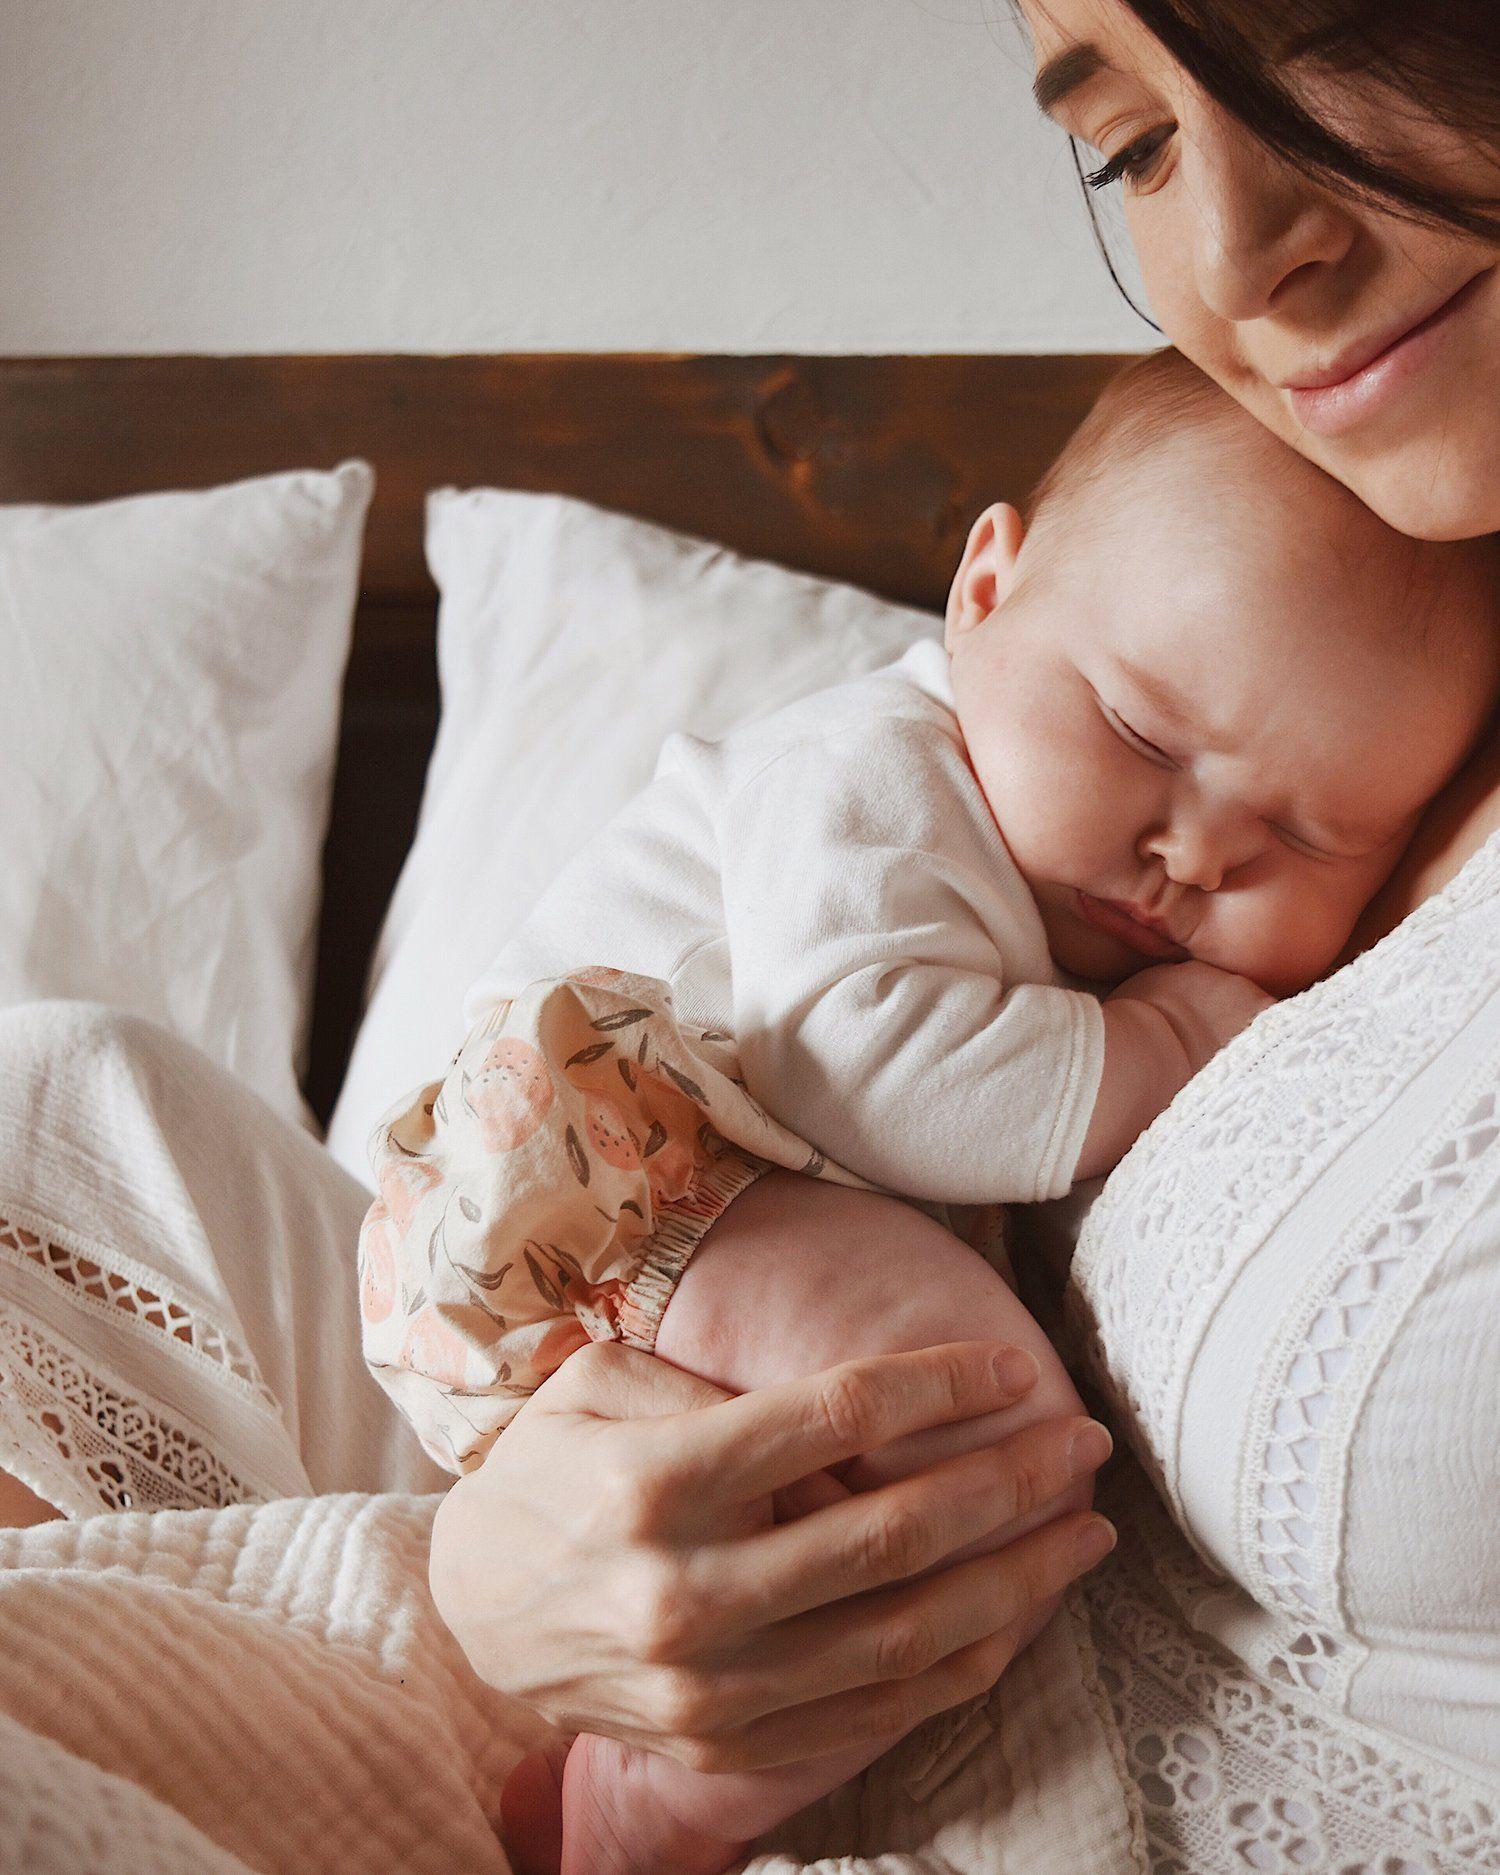 фото матери с младенцем картинки судя романам